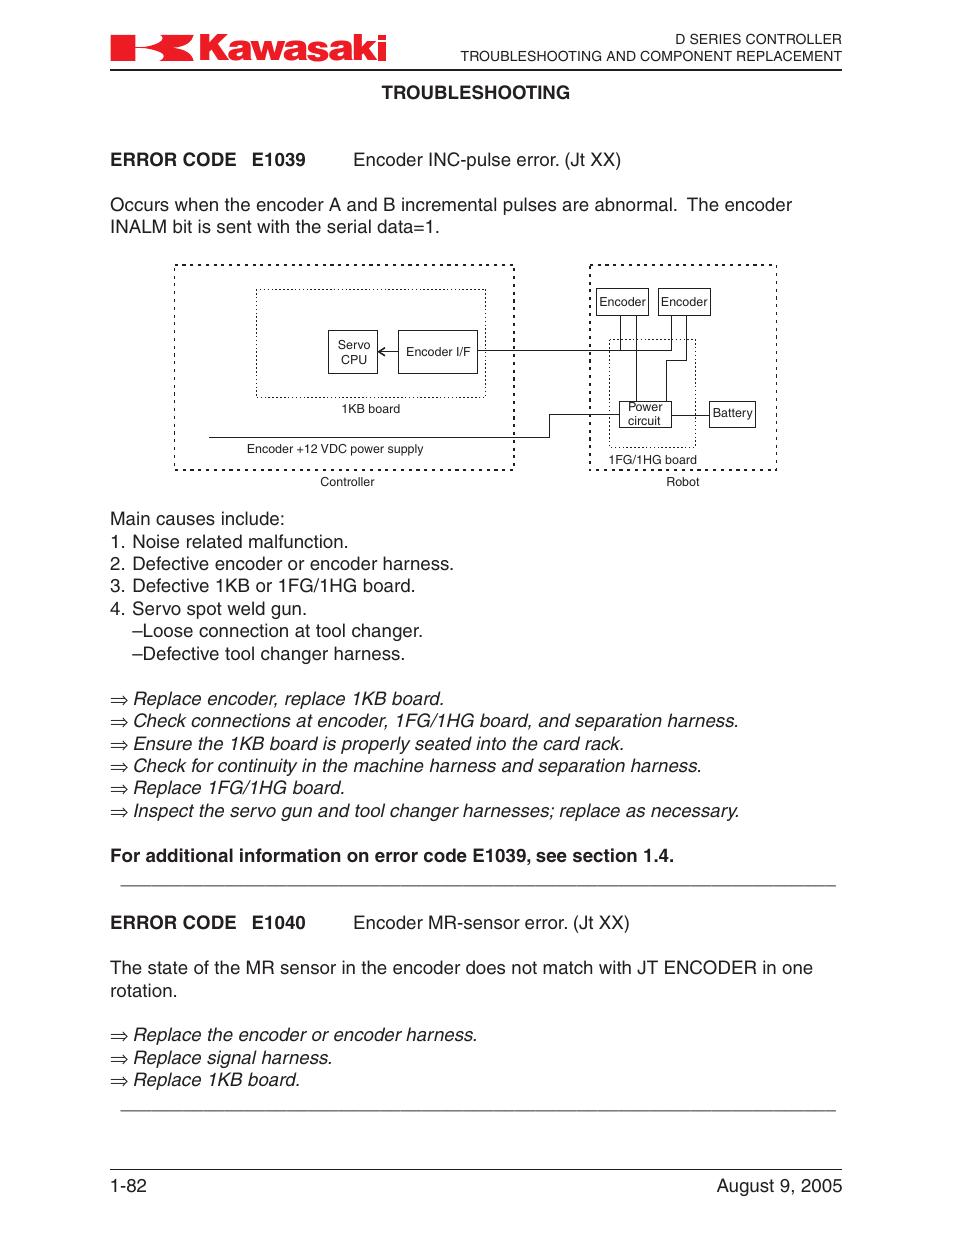 kawasaki robot controller manual